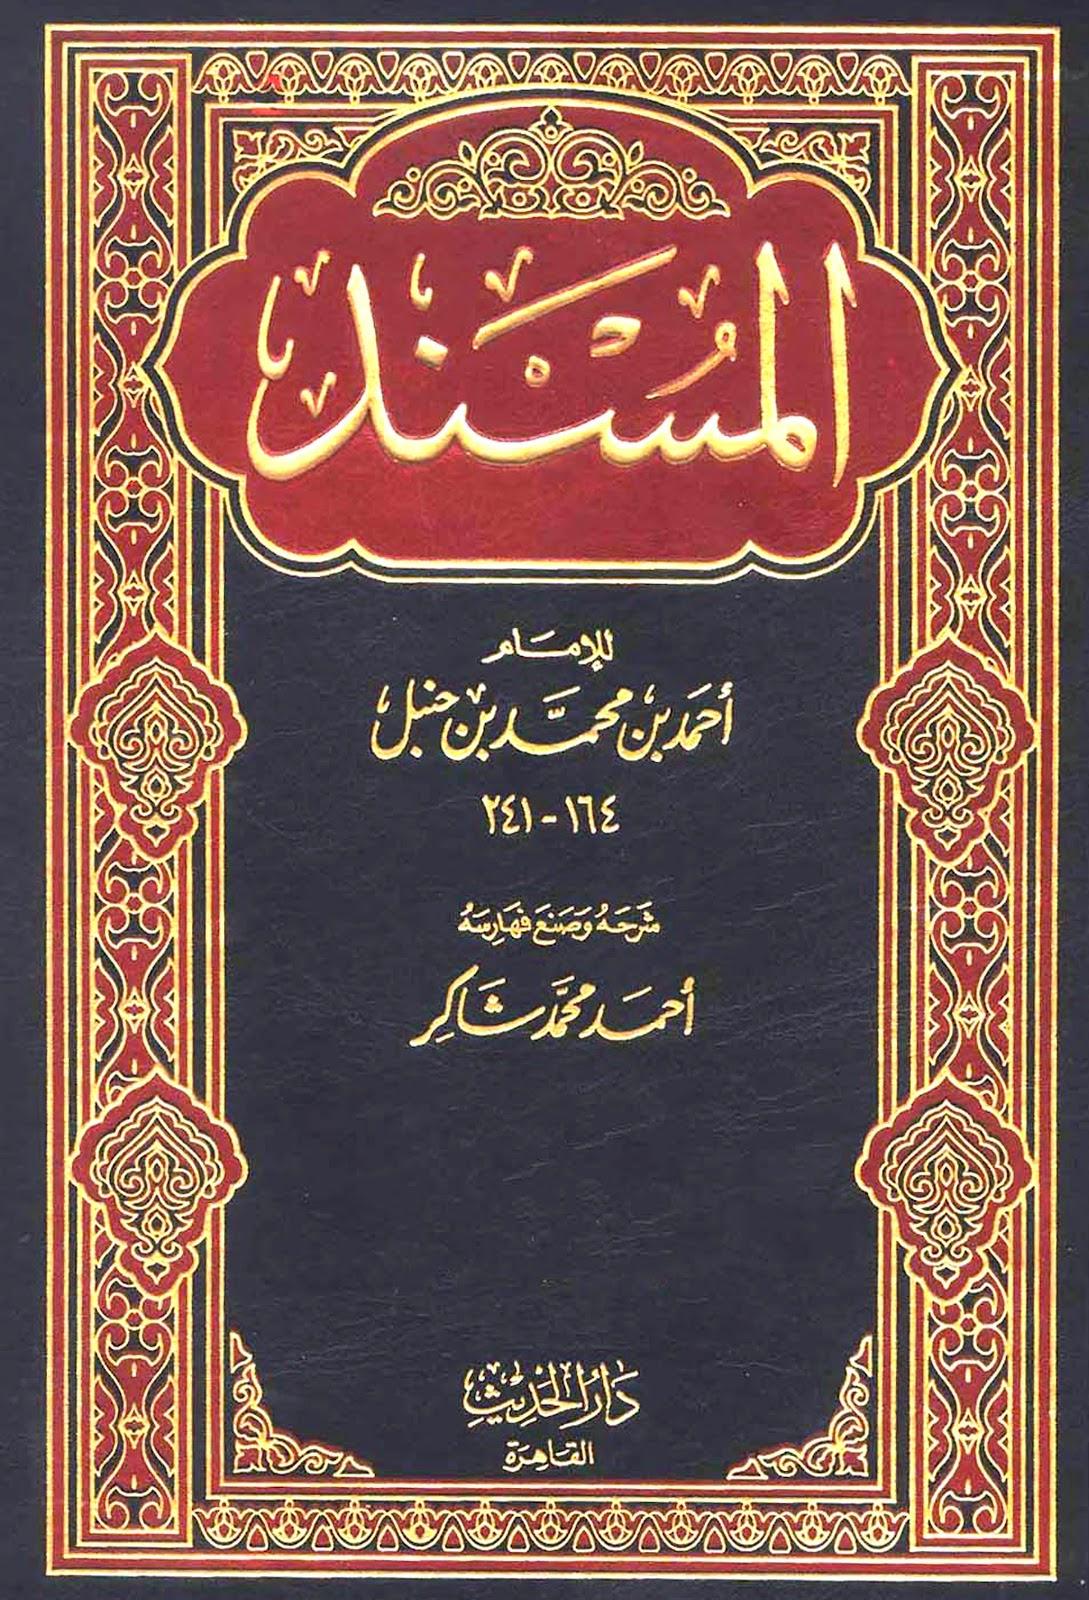 sejarah singkat imam Hanbali, biografi imam Hanbali, profil imam Hanbali, sejarah imam Hanbali, sejarah imam hadits, sejarah imam fiqh